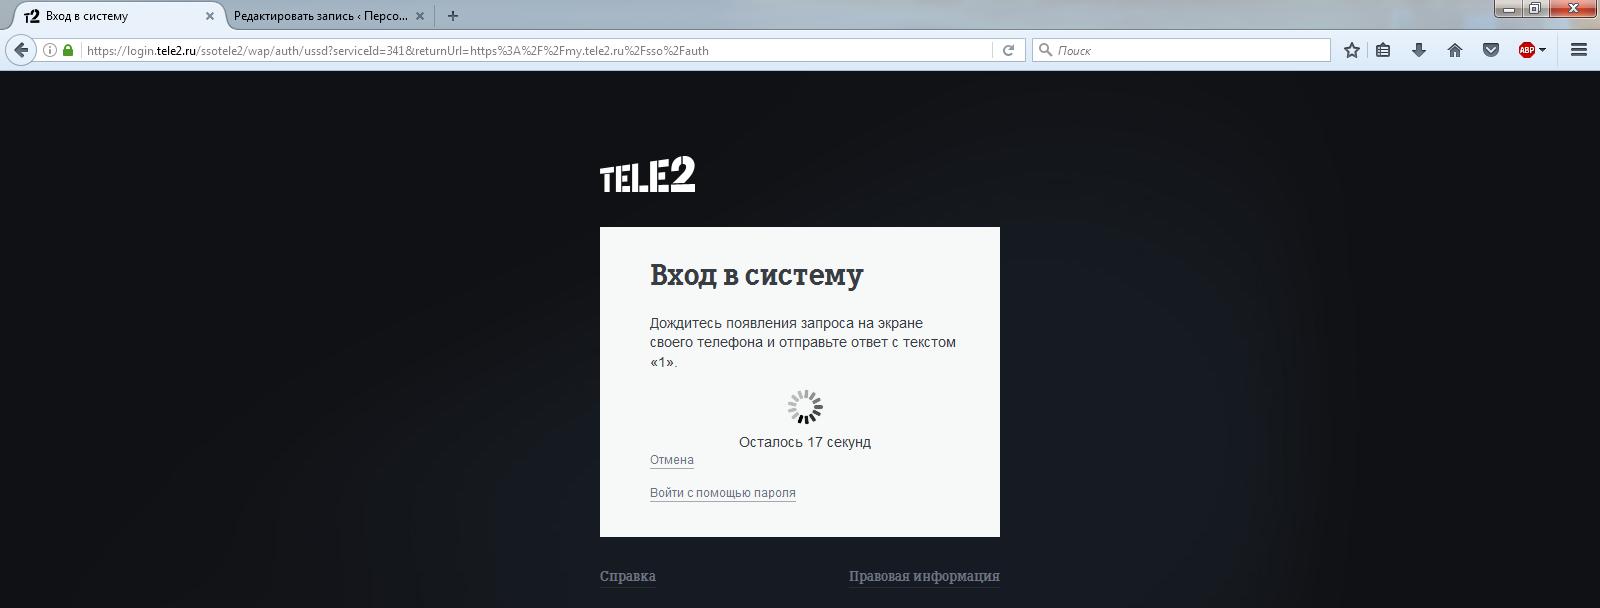 tele2-lk-pv